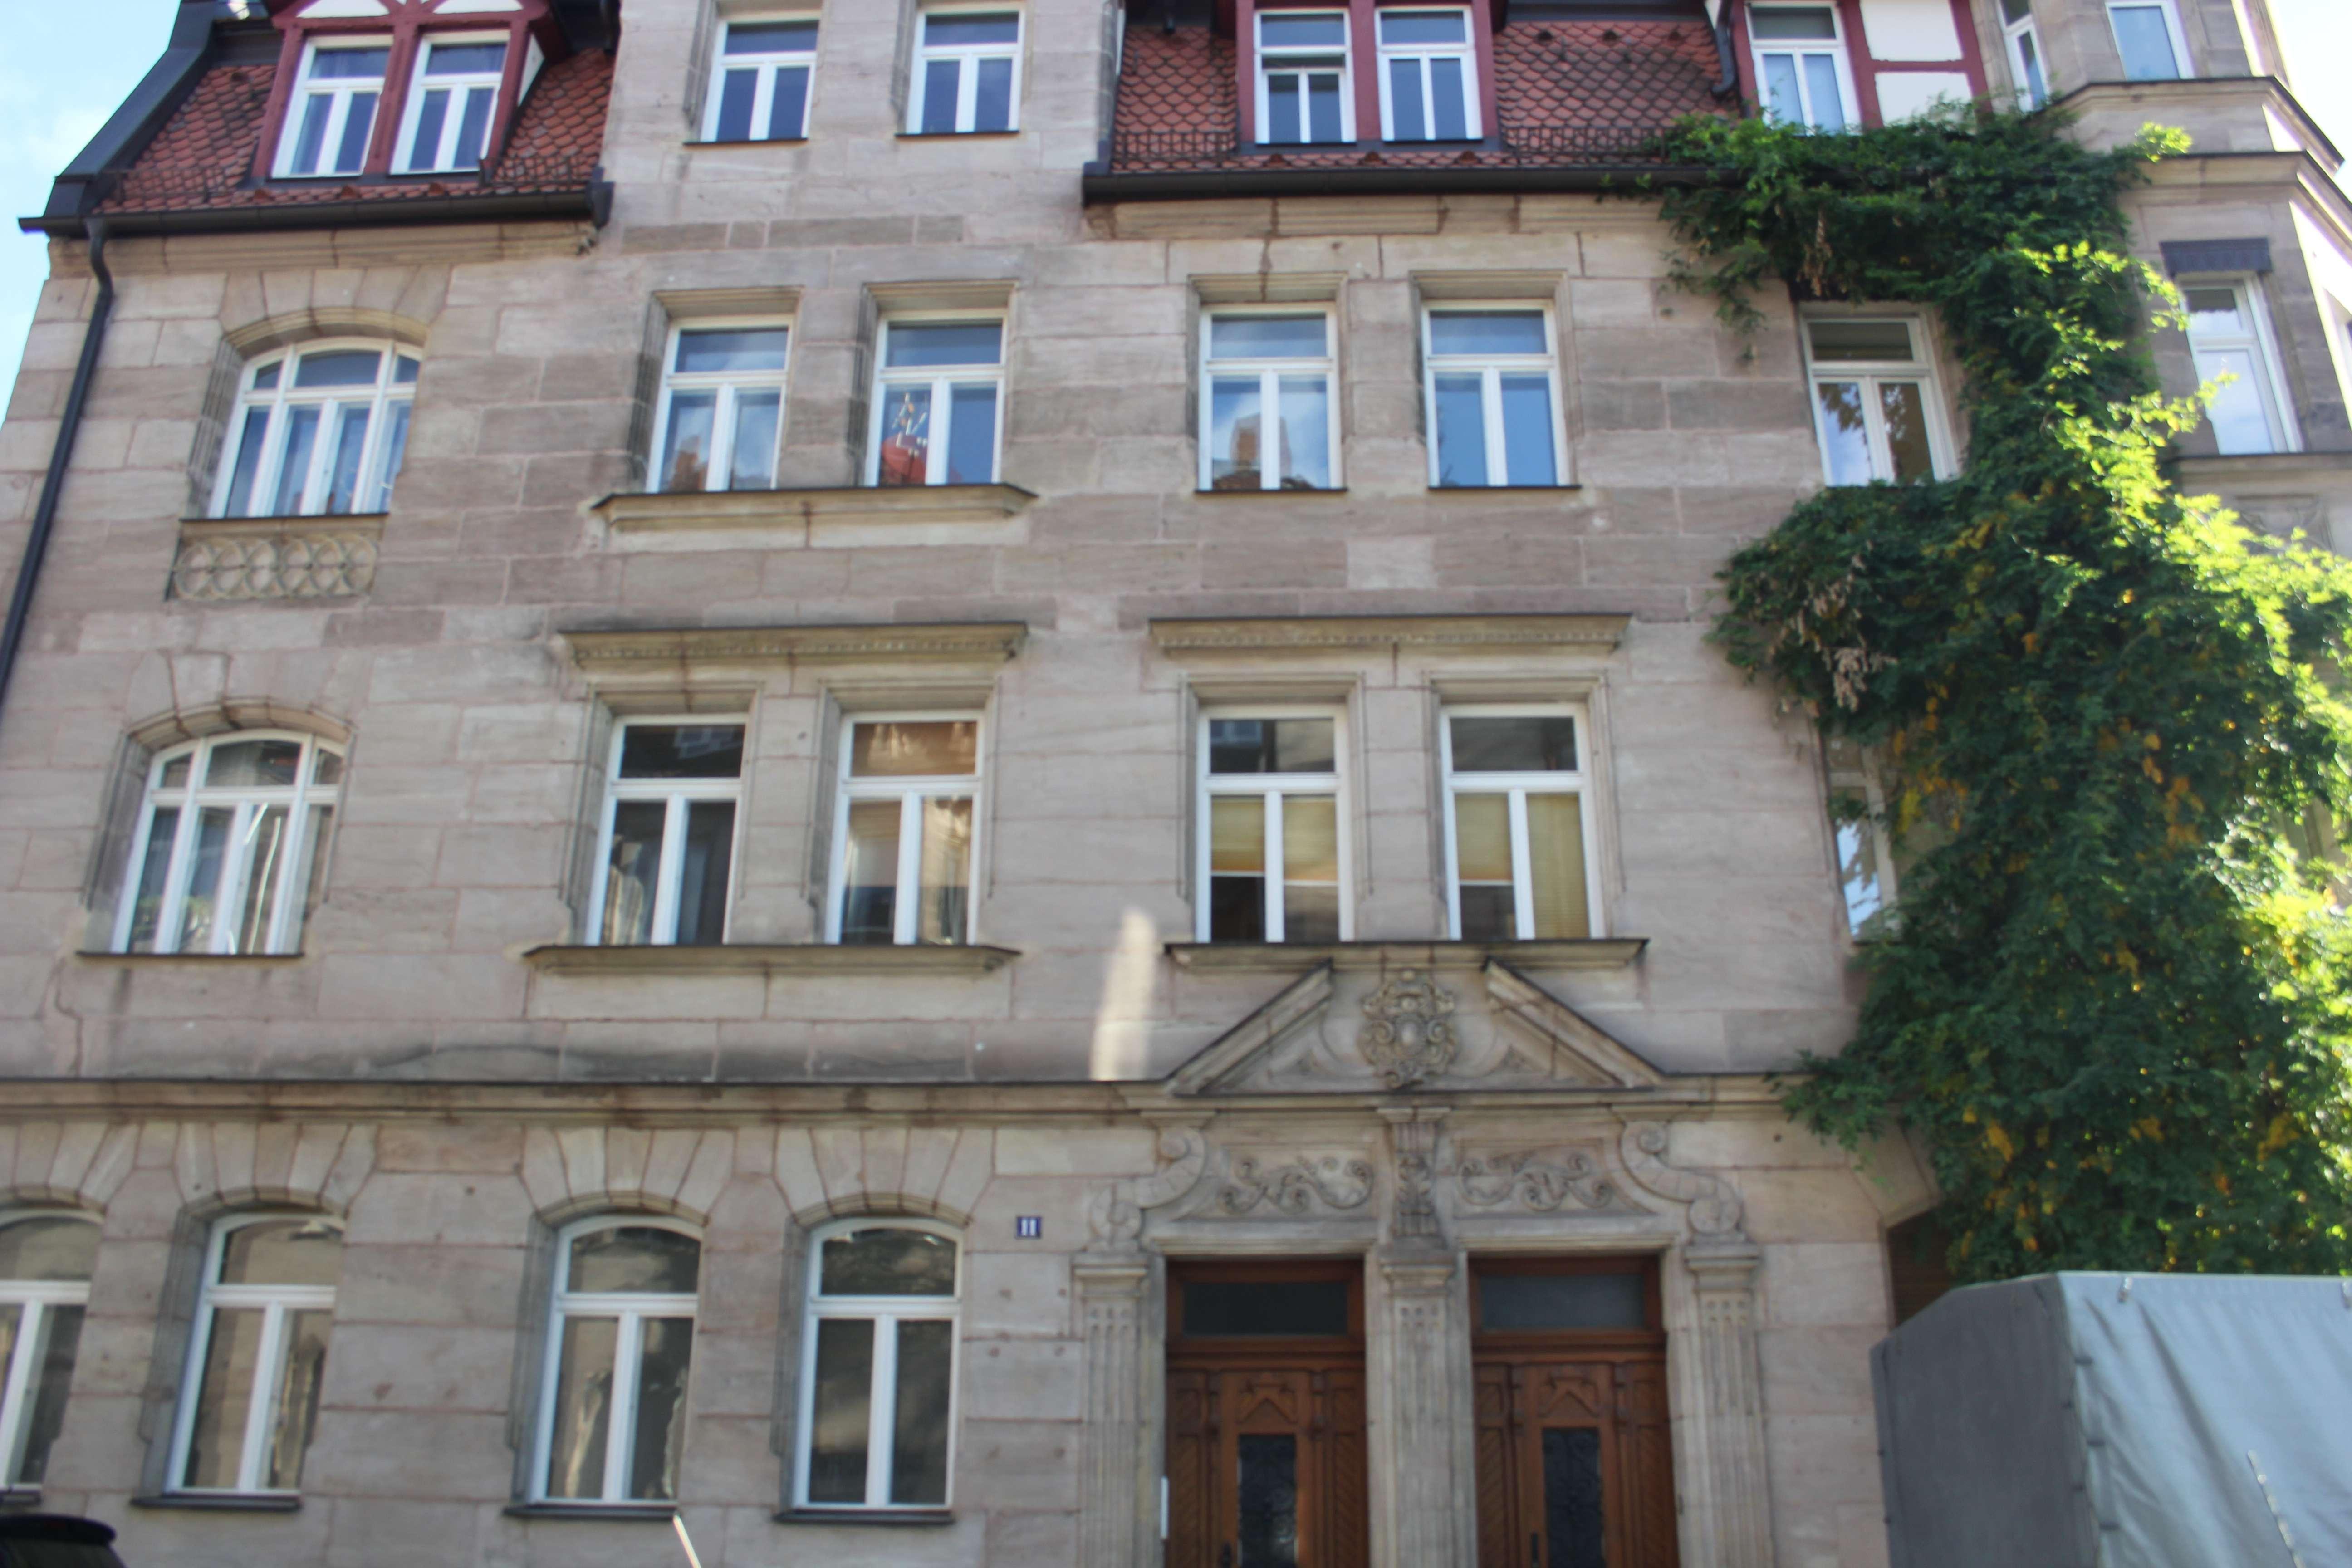 Charmante Altbau-Wohnung in Altstadt, Innenstadt (Fürth)